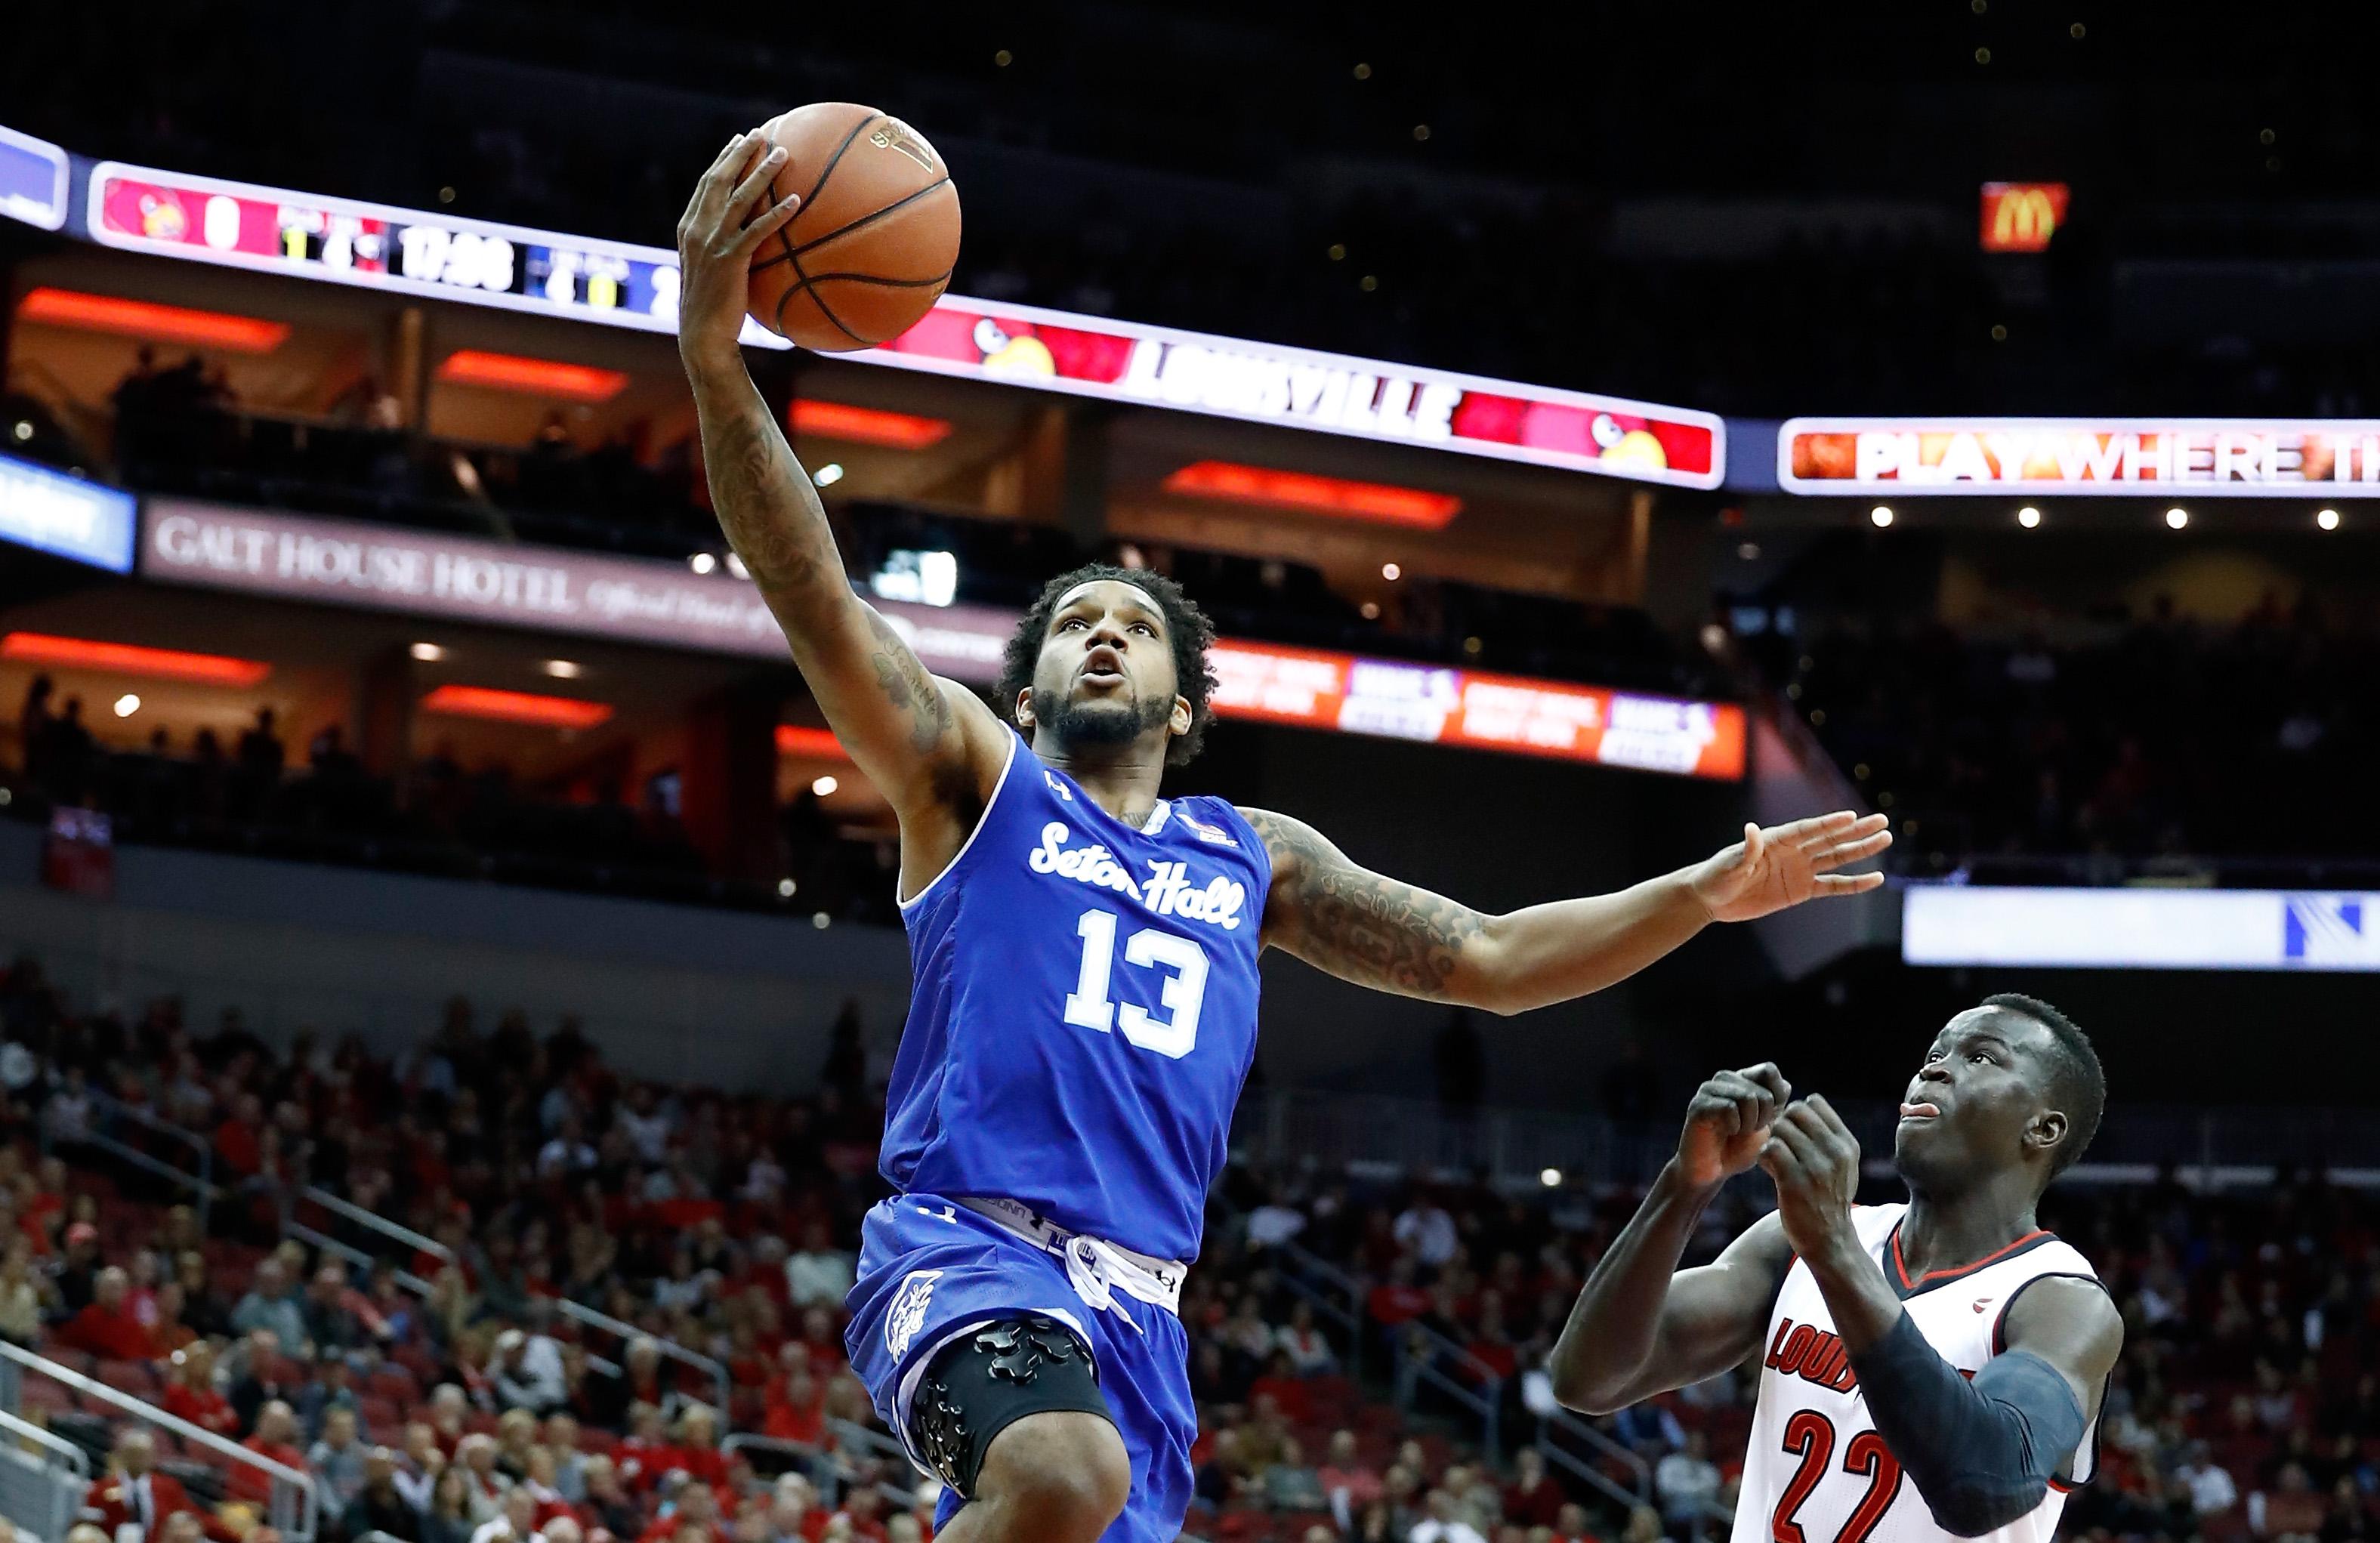 Kentucky Basketball Roster Power Rankings Offseason: Big East Basketball: Power Ranking The Conference (Nov. 29